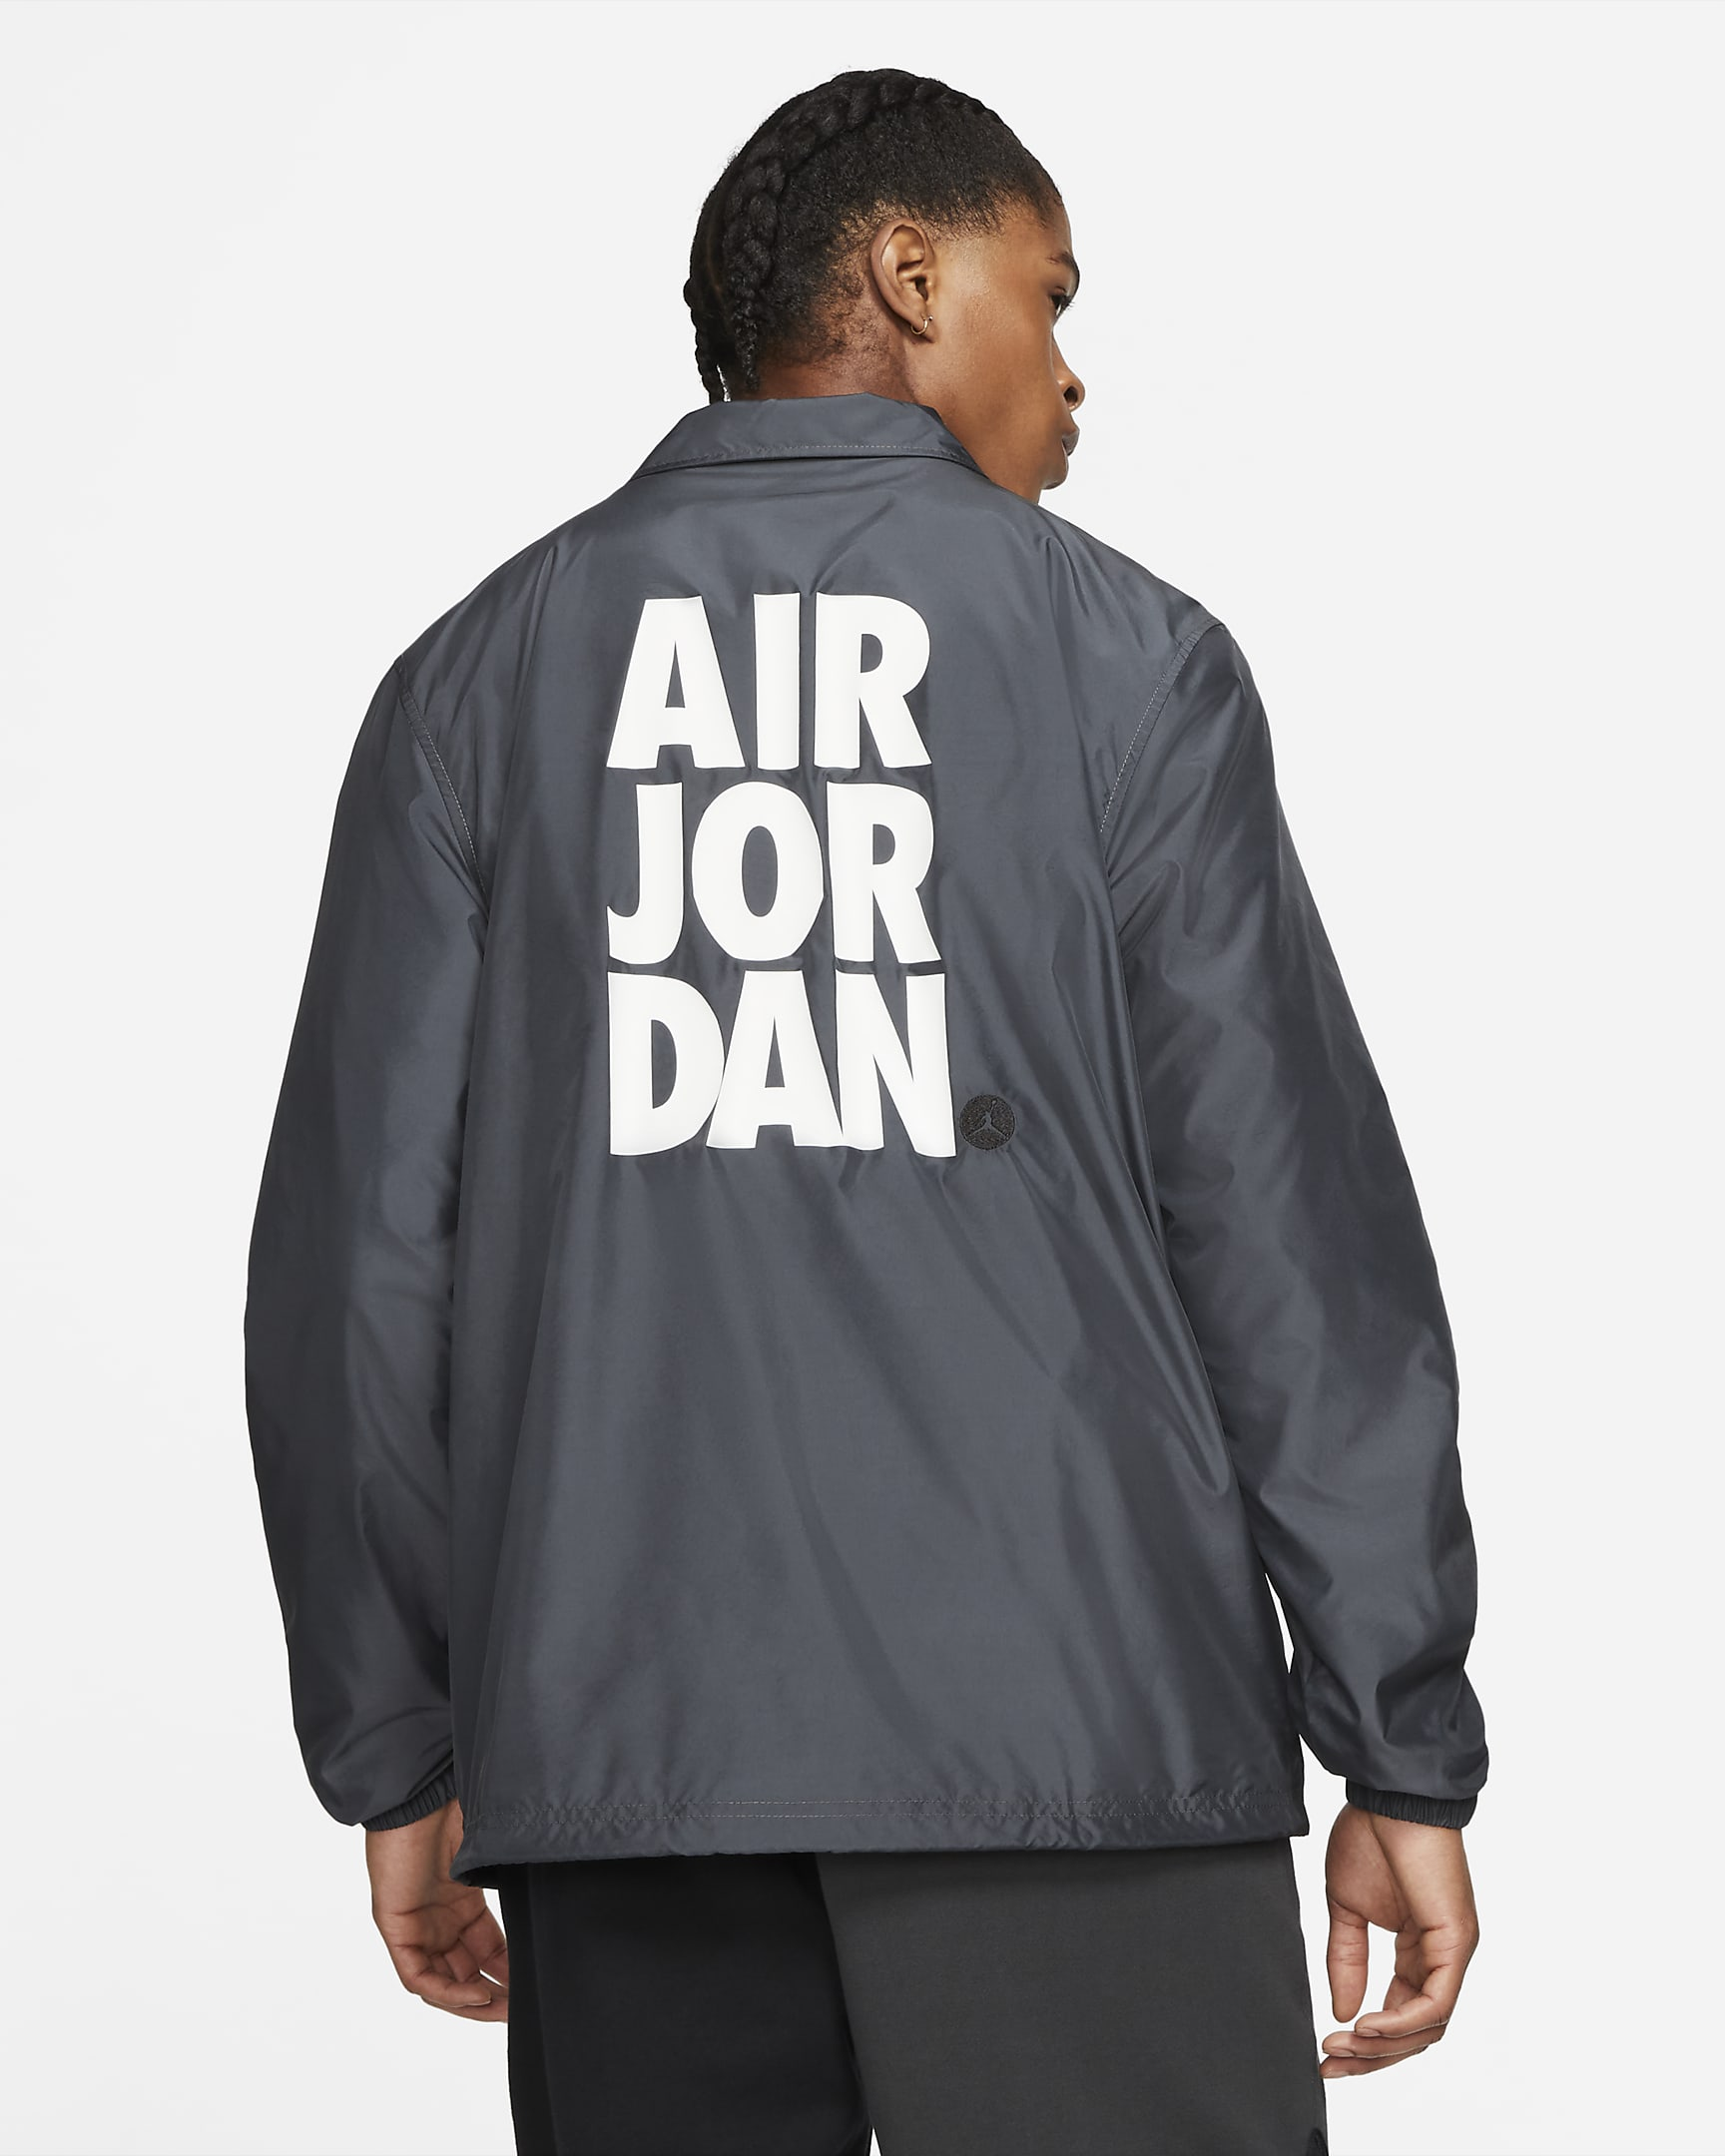 jordan-jumpman-classics-mens-jacket-4zLW62-2.png